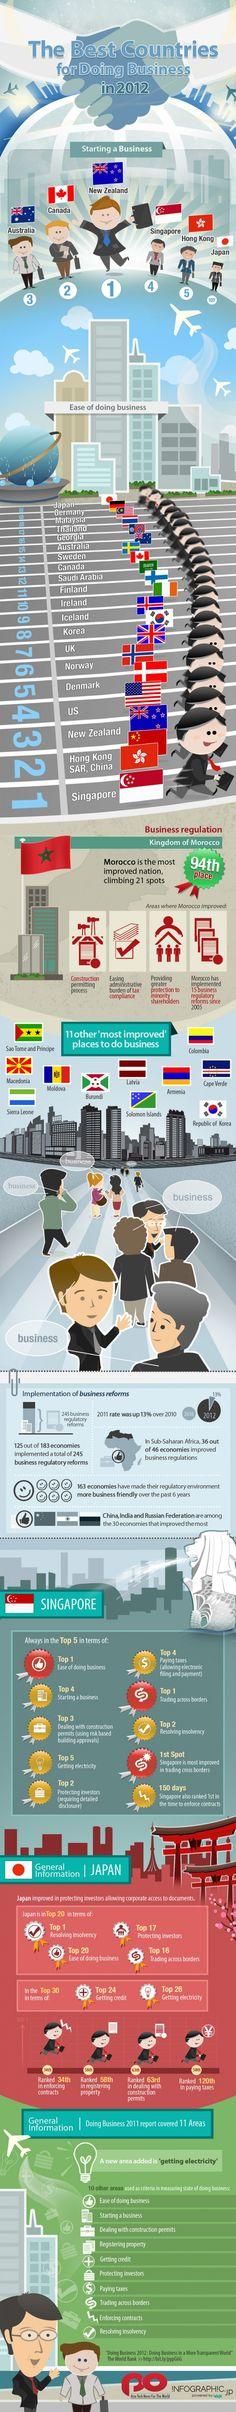 Los mejores paises para hacer negocio en 2012